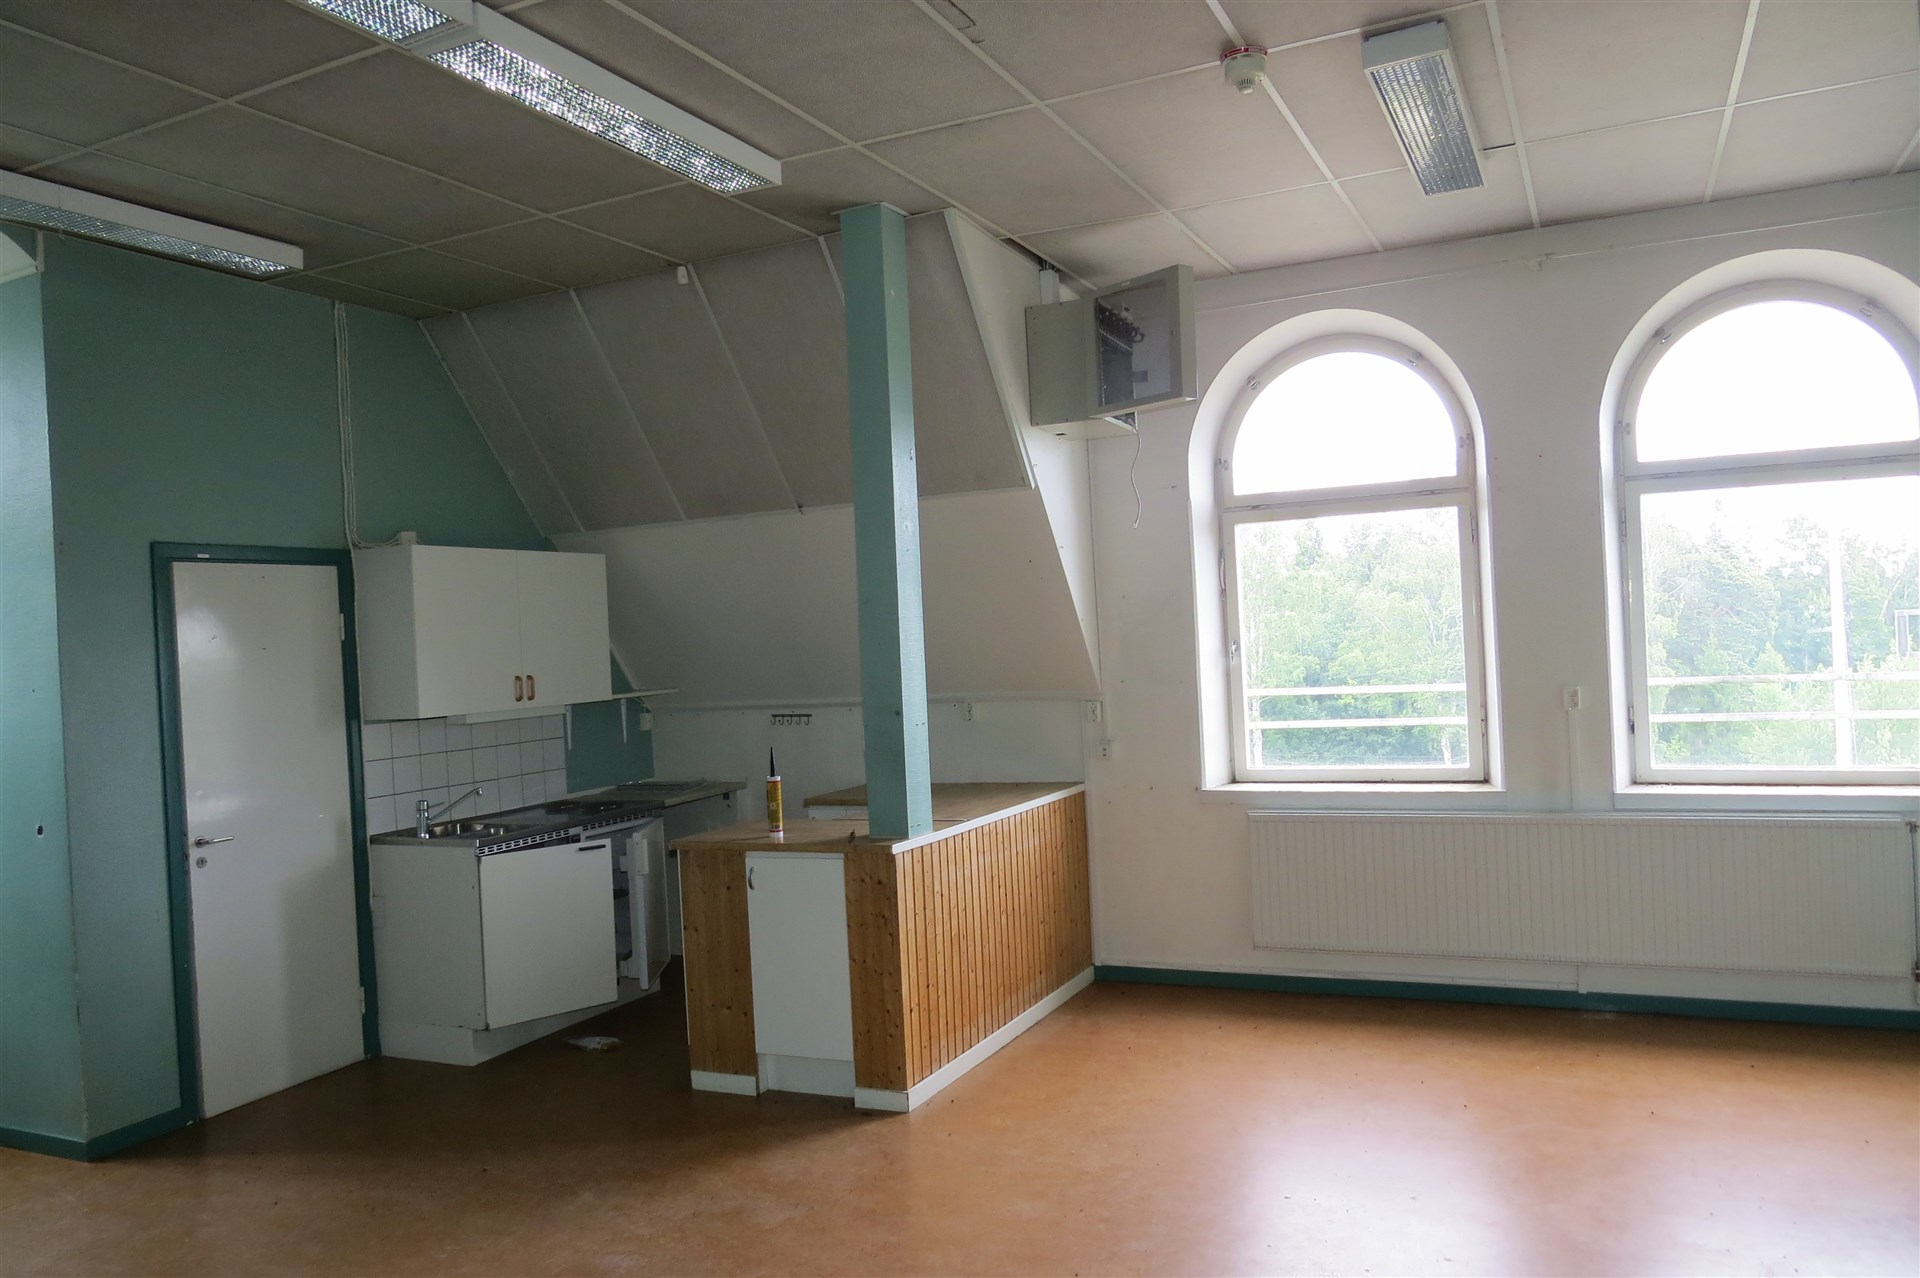 Klassrum/kontor med trinett